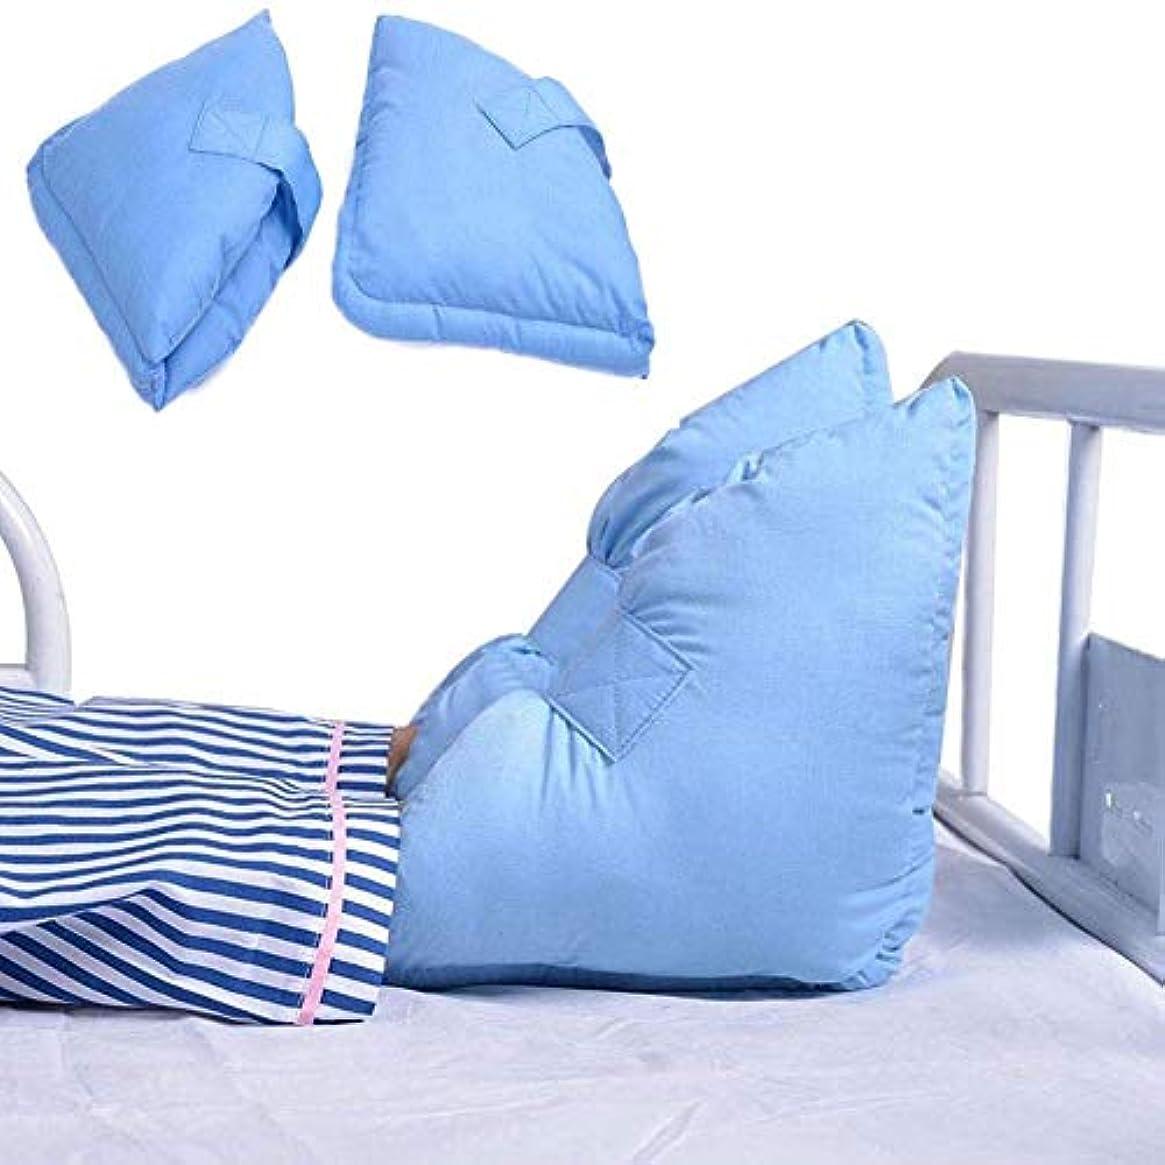 ポスター見習いピアノ1ペア抗褥瘡ヒールプロテクター枕 - 男性と女性のための褥瘡とかかと潰瘍の軽減のための足首保護クッション